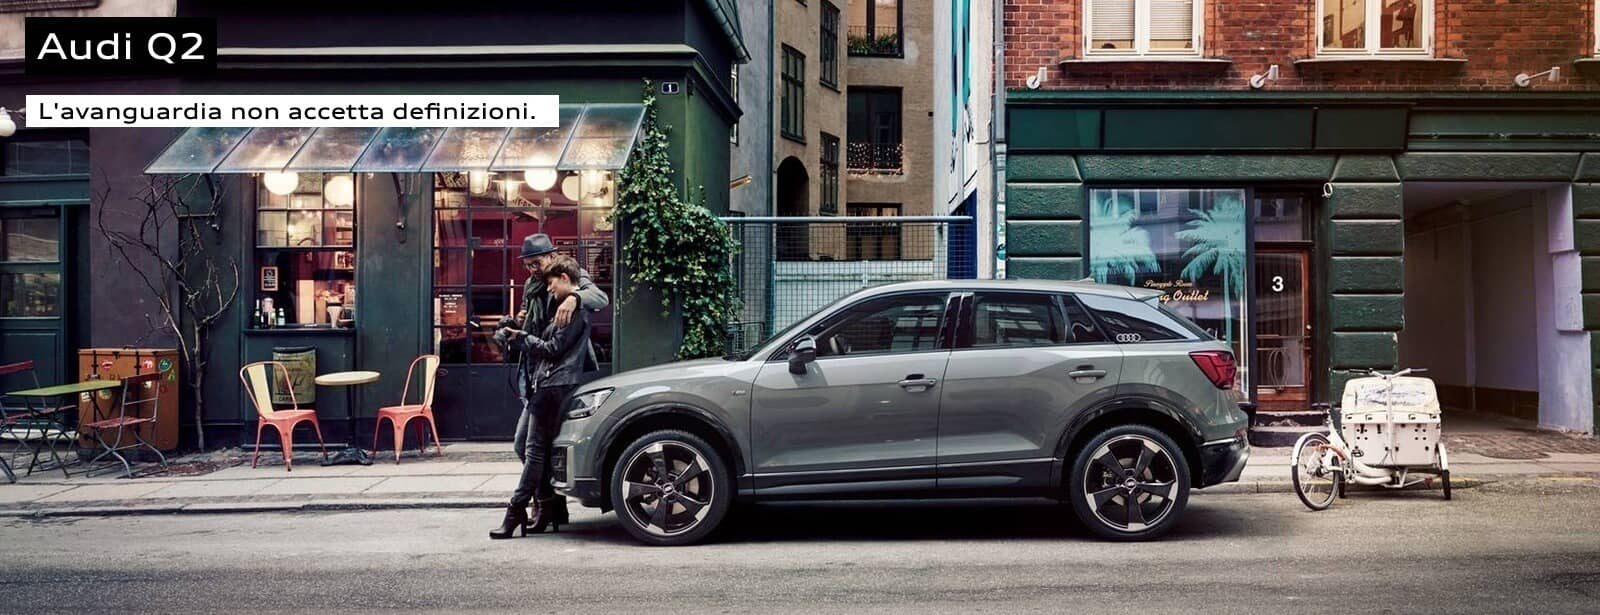 Audi Q2 - sezione generale